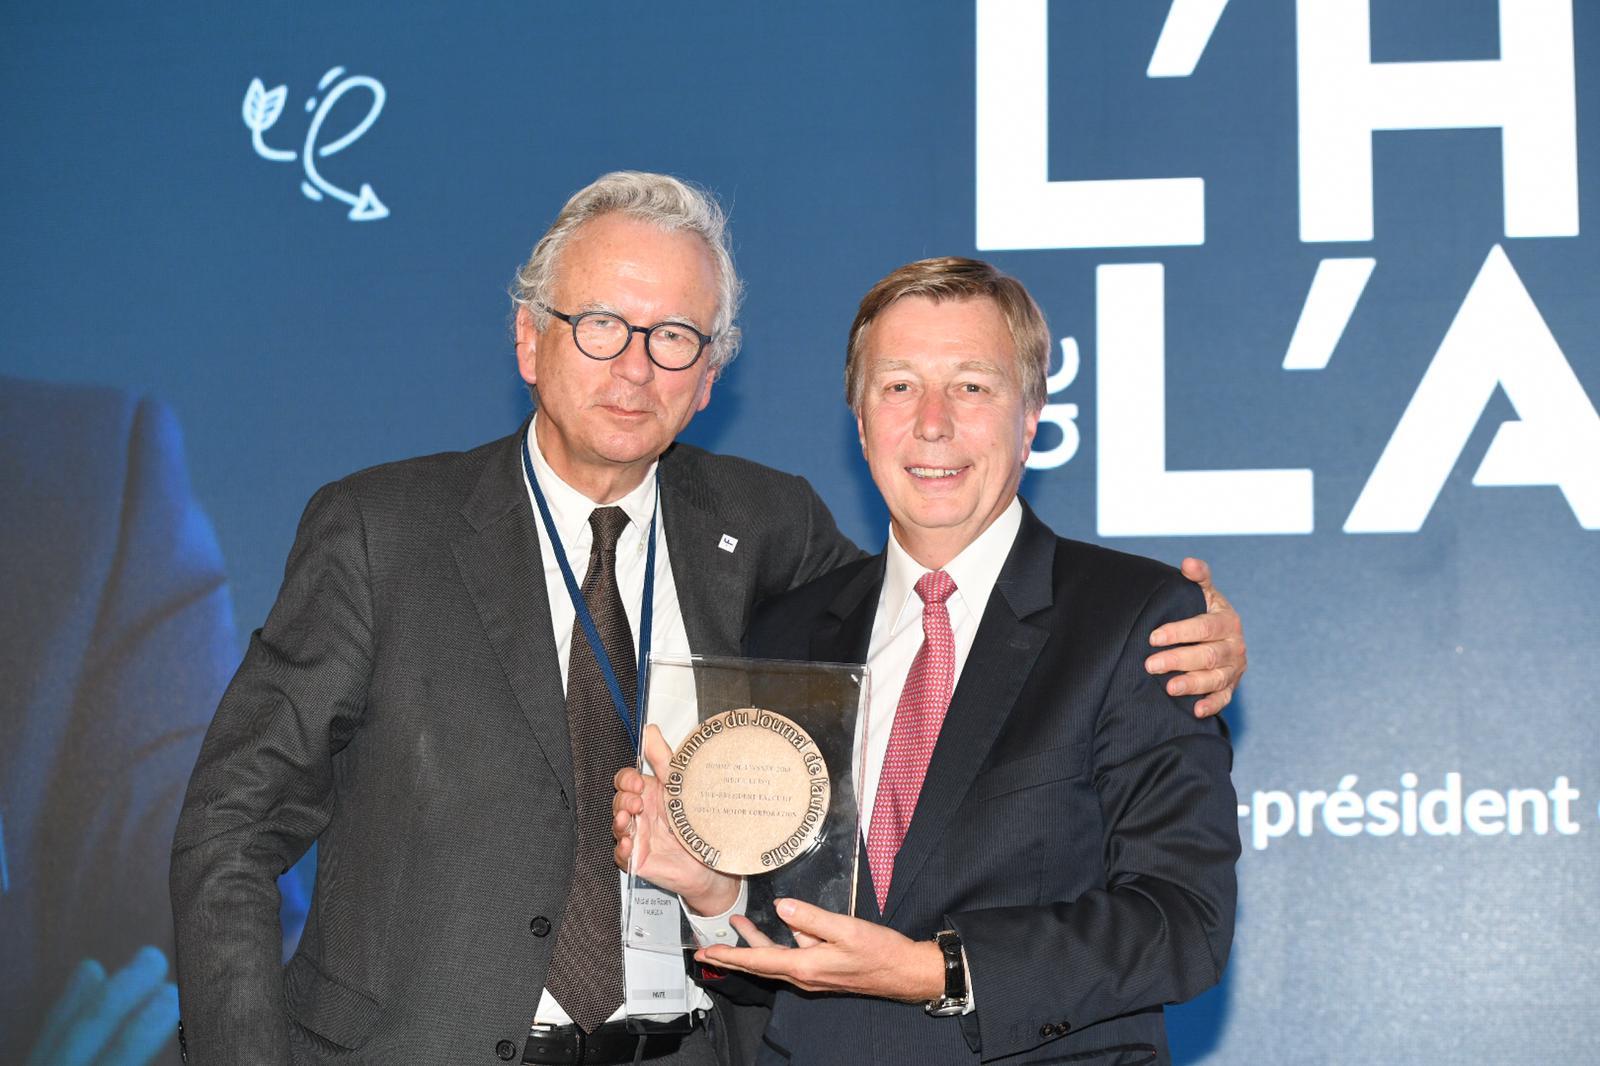 Didier Leroy célébré à la 38e édition de l'Homme de l'Année